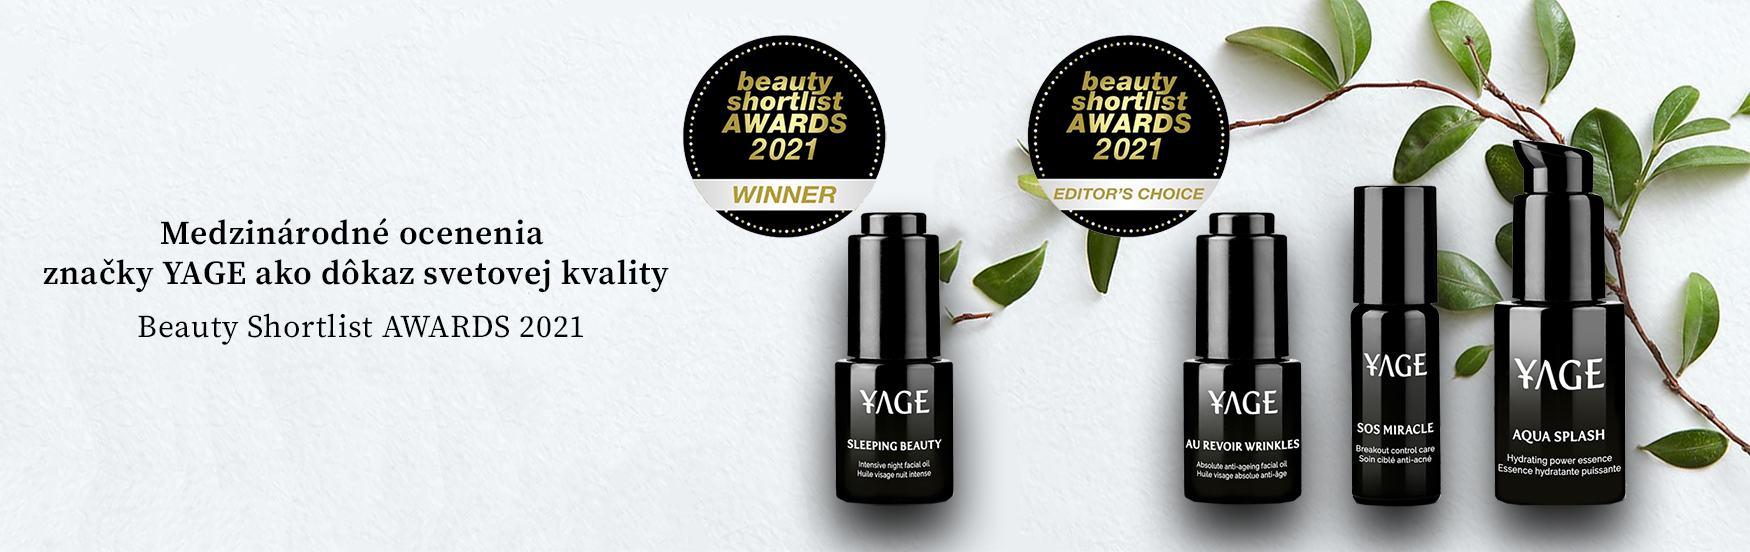 YAGE Beauty Shortlist Awards Winner